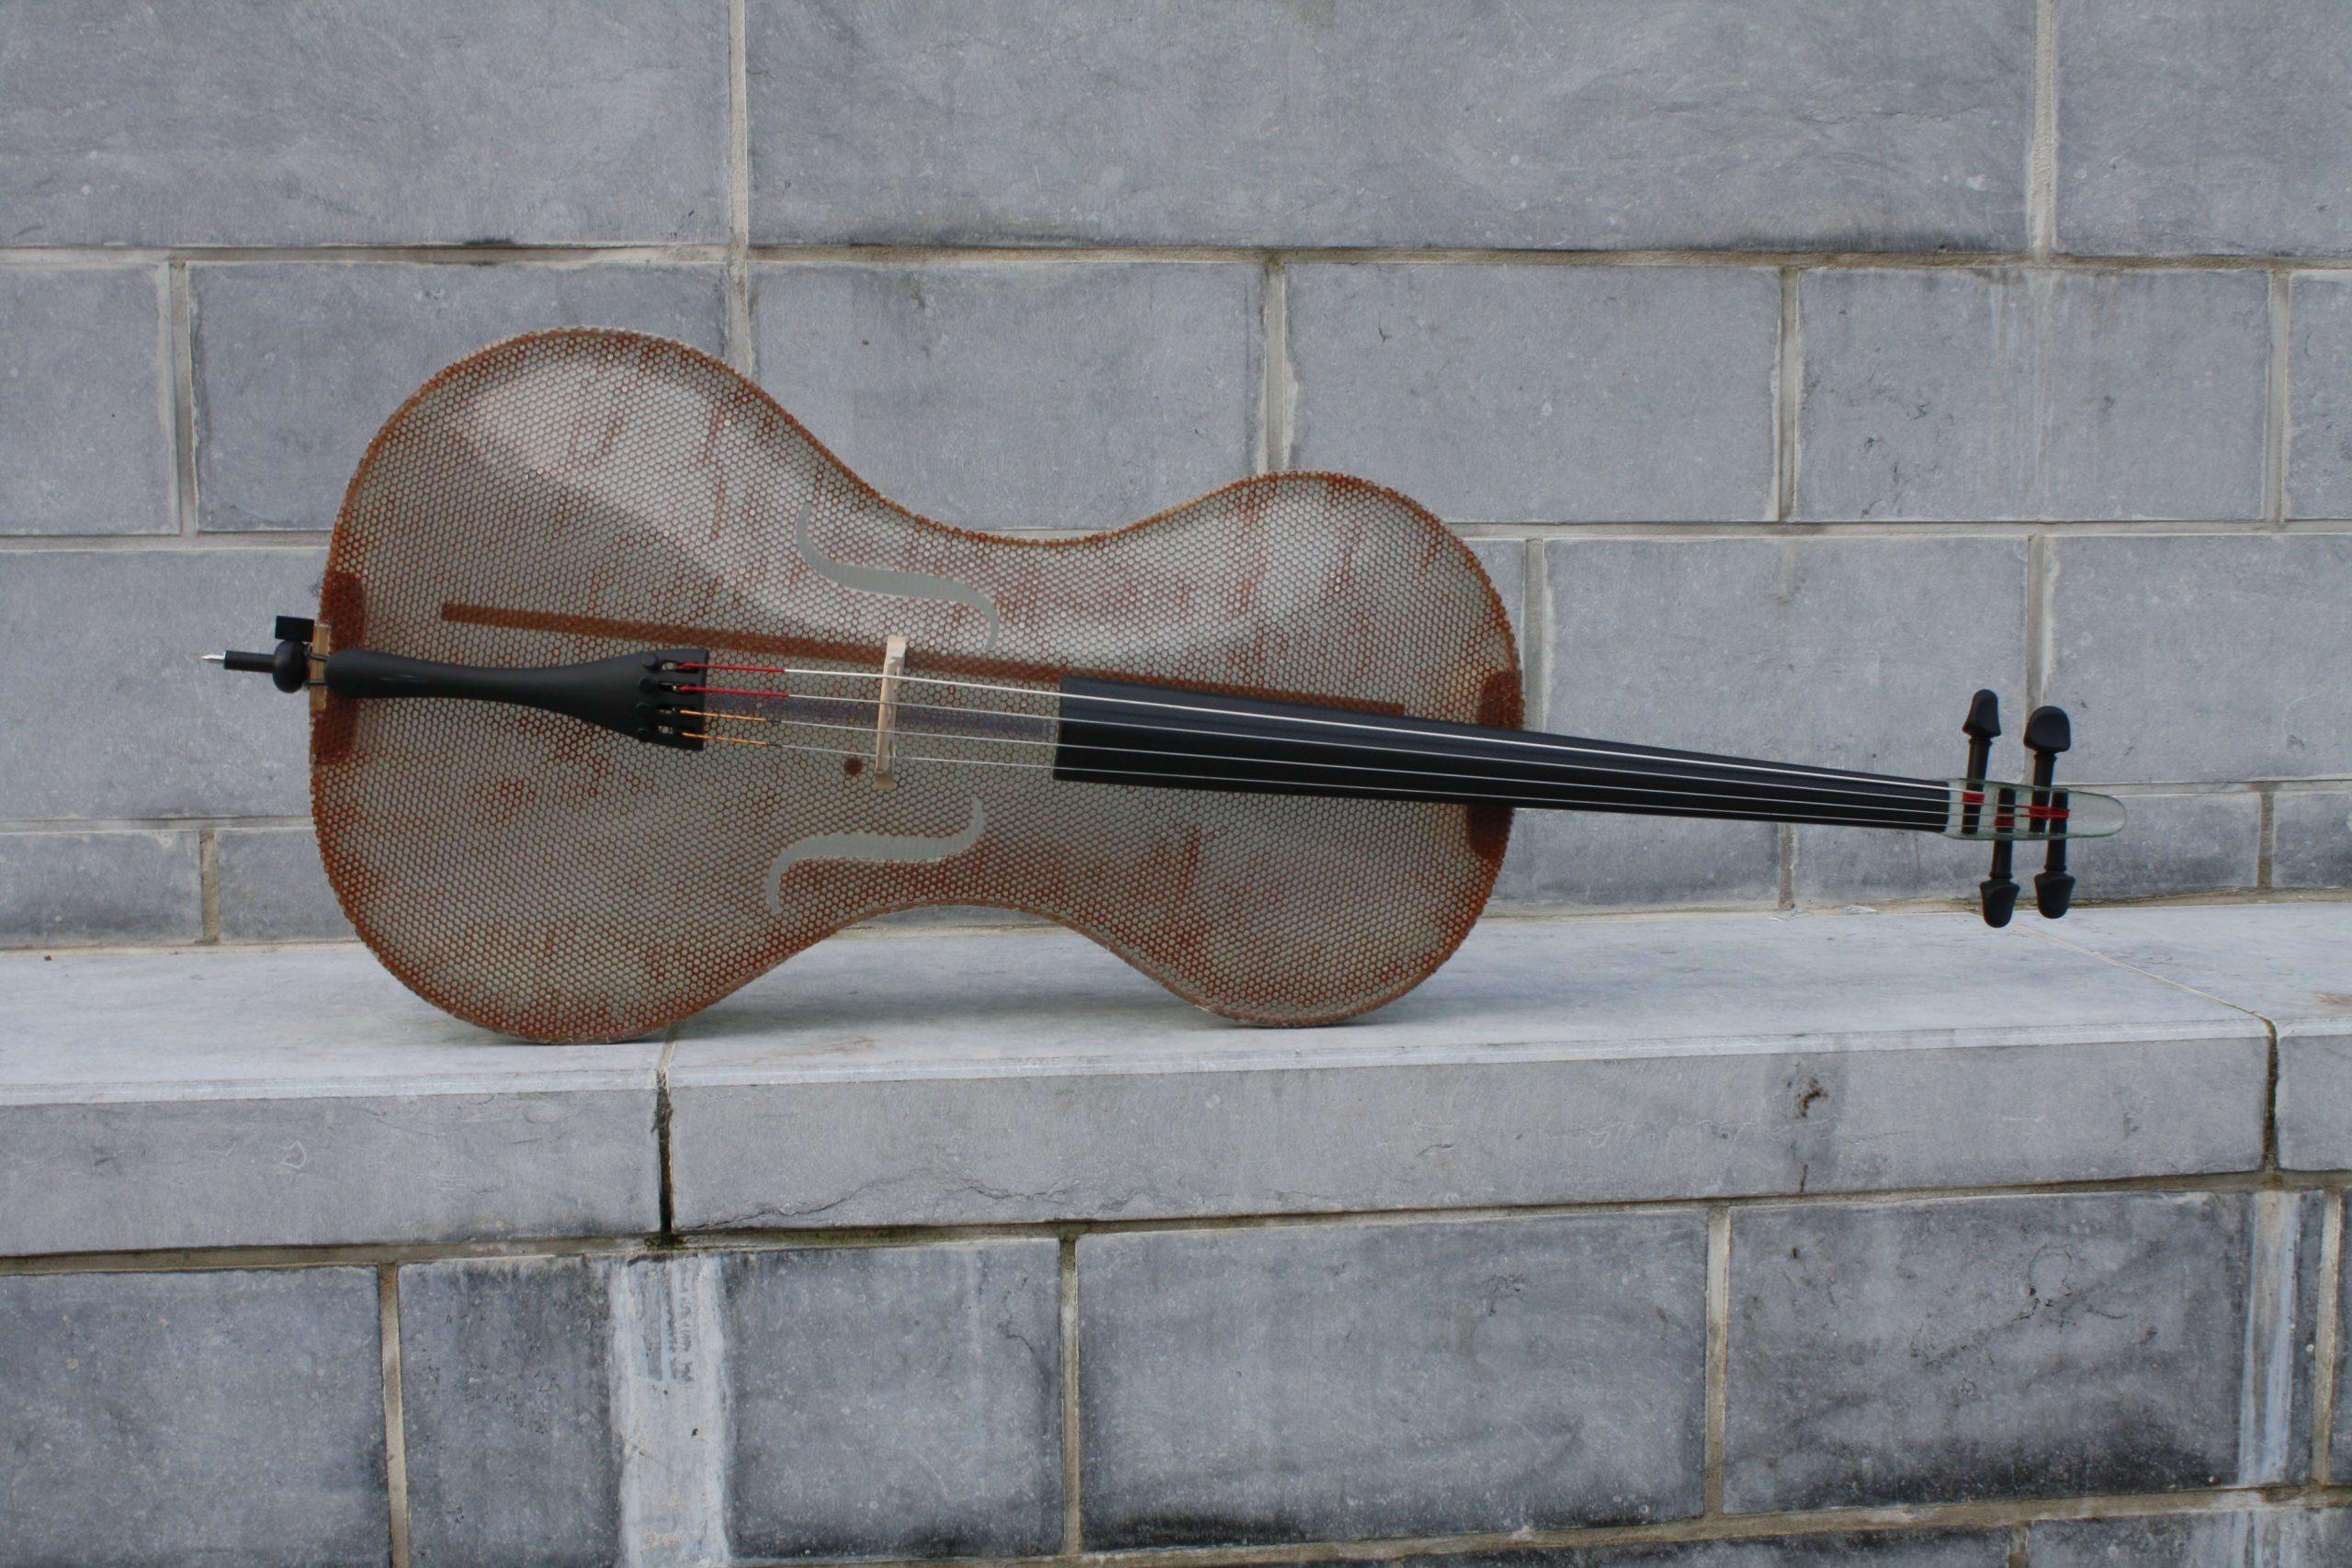 Glass Fiber Cello by Tim Duerinck